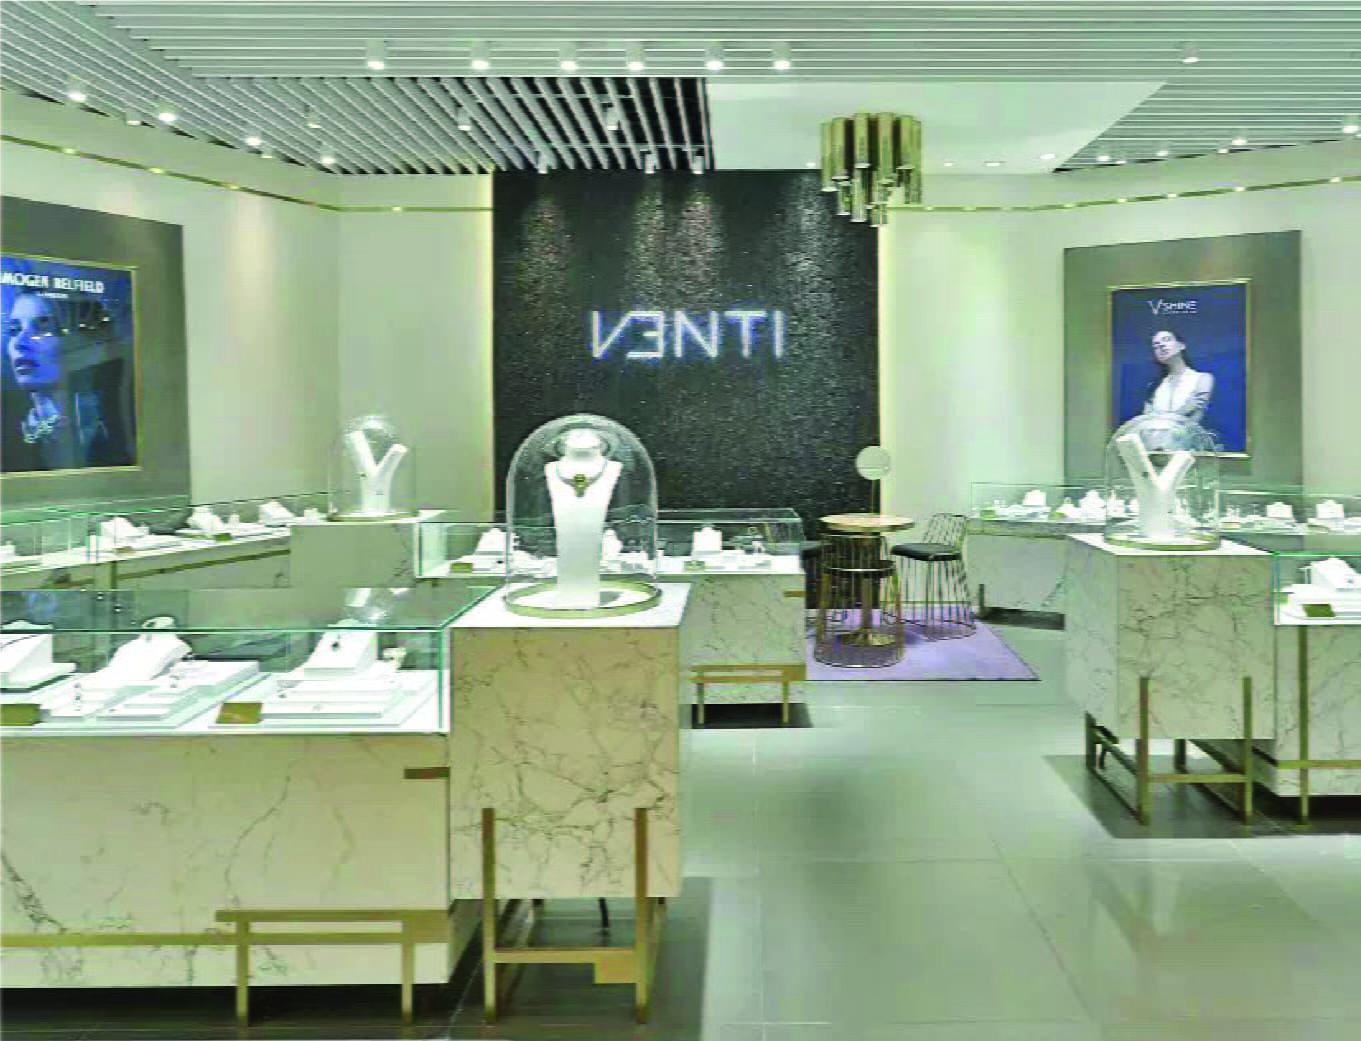 Venti premium women jewelry luxury brand retail store opening china